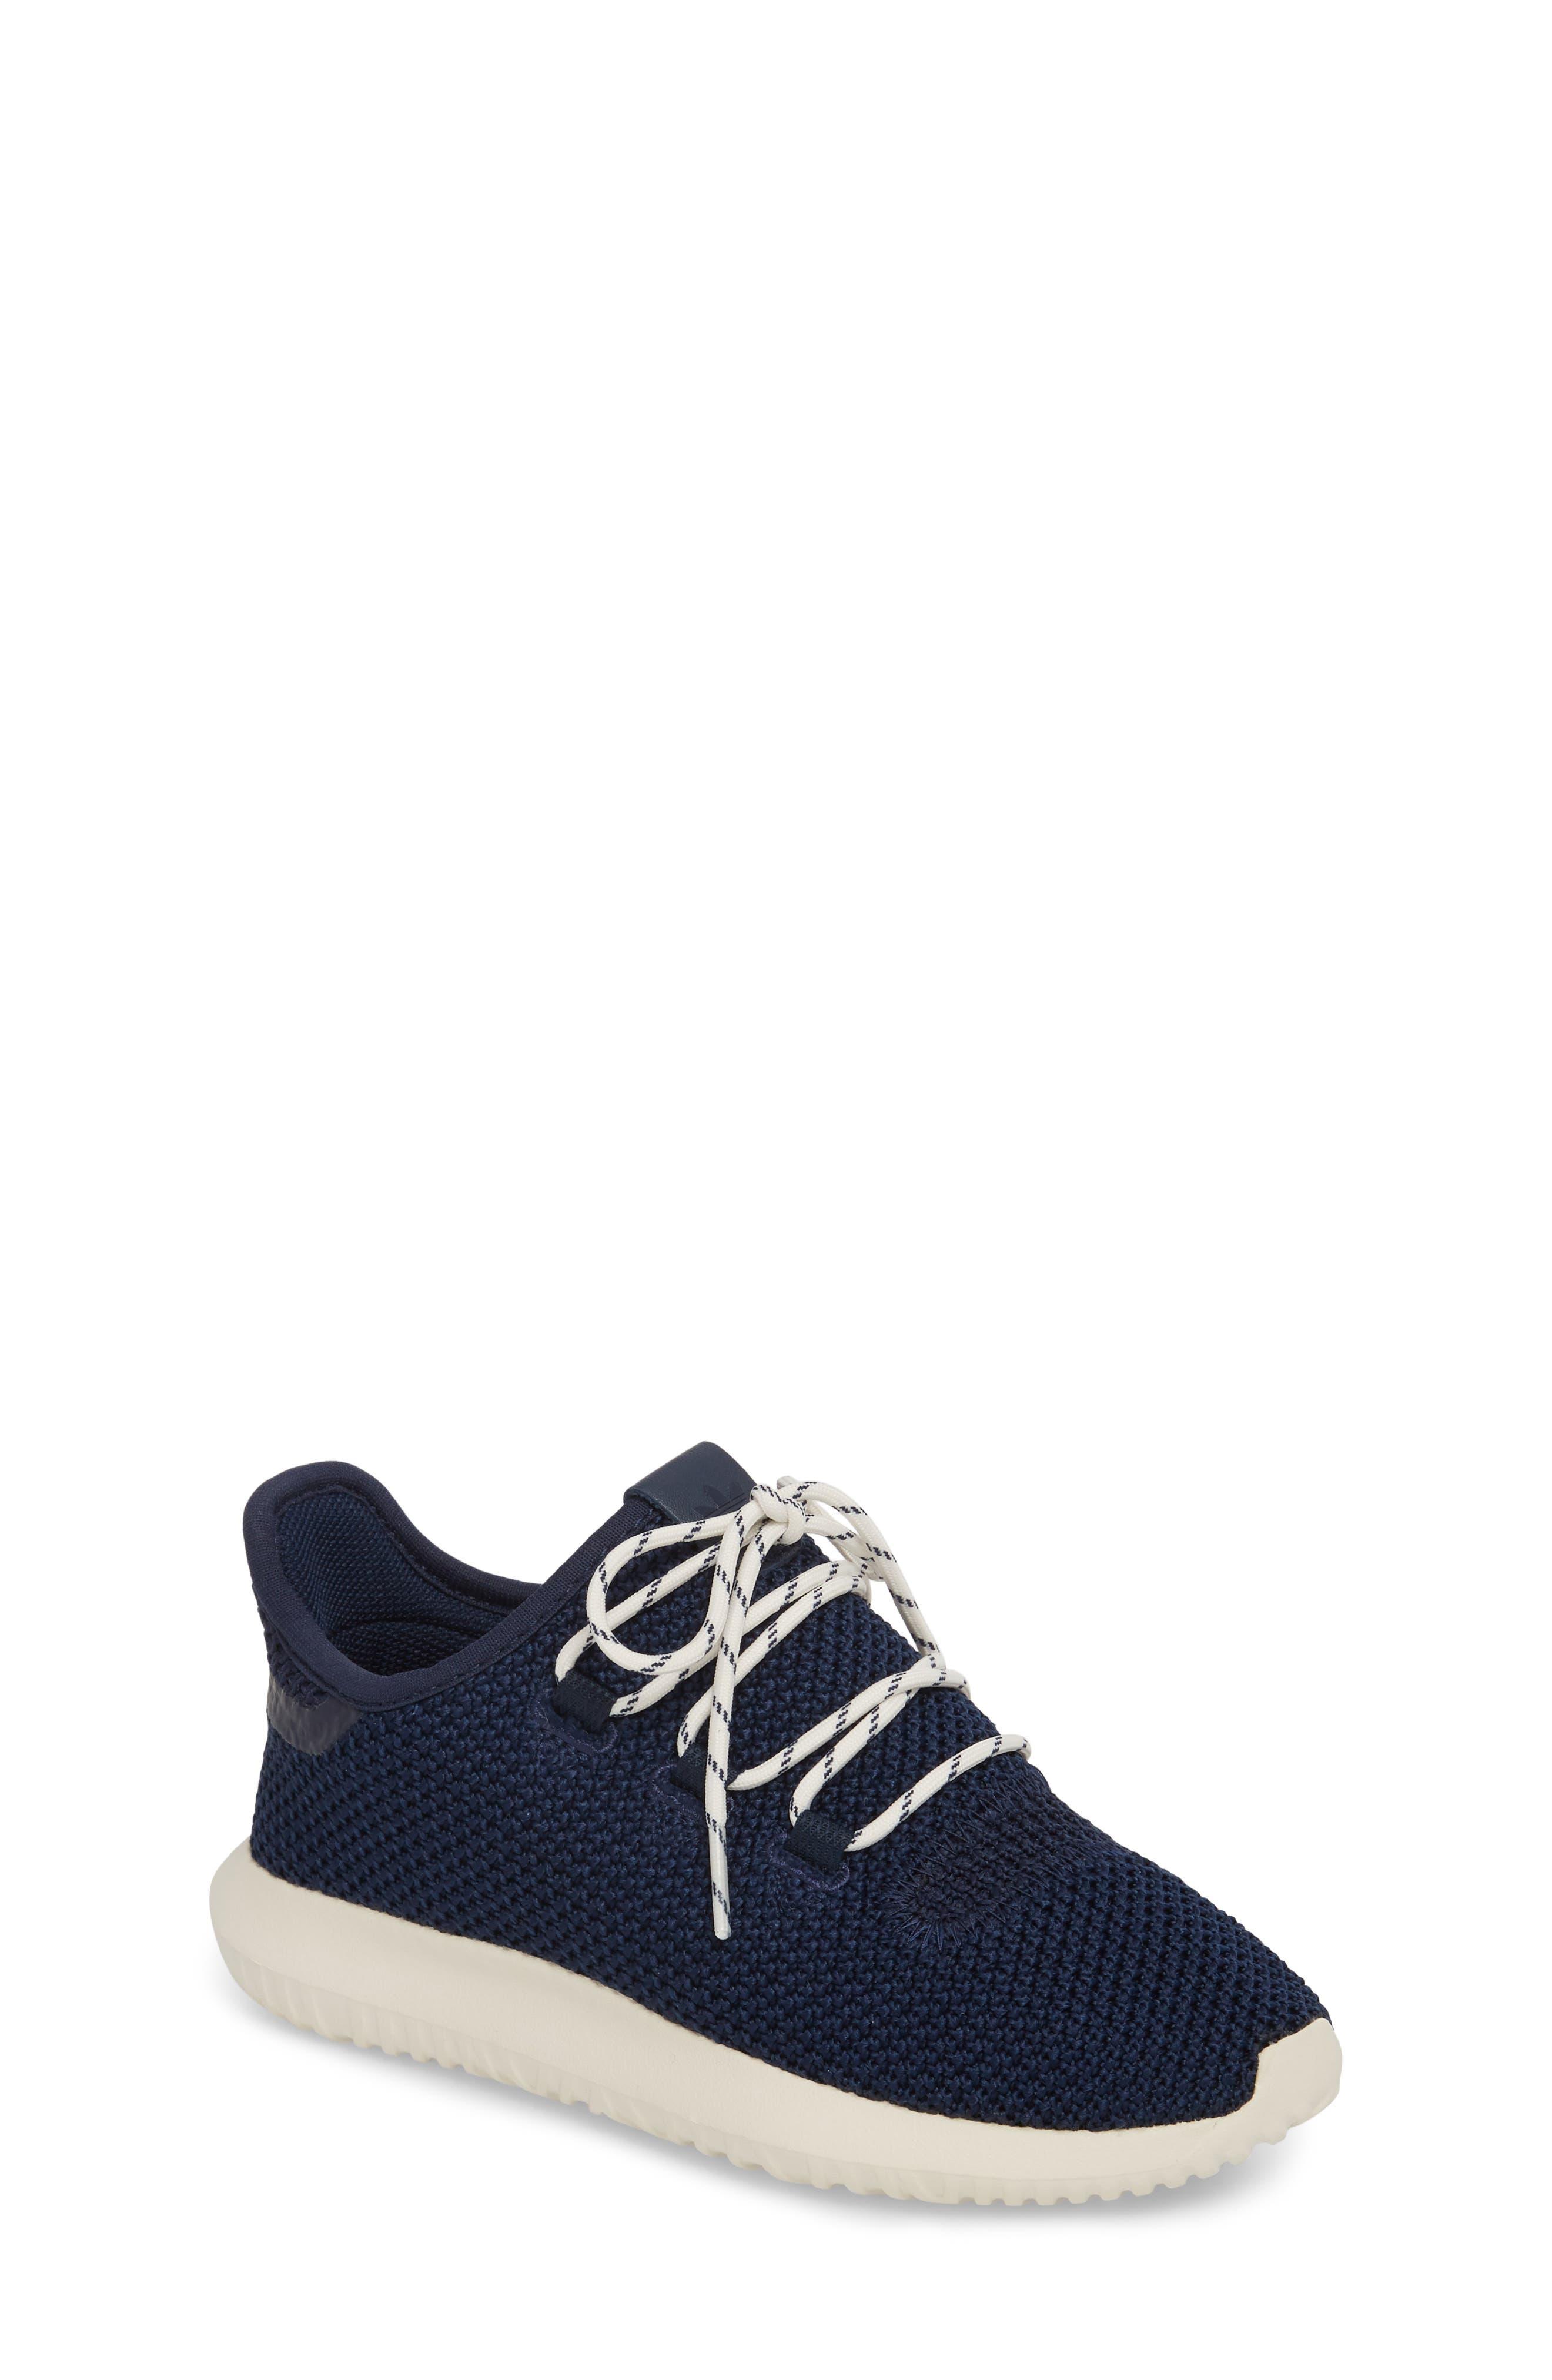 adidas Tubular Shadow Sneaker (Baby, Walker, Toddler, Little Kid \u0026 Big Kid